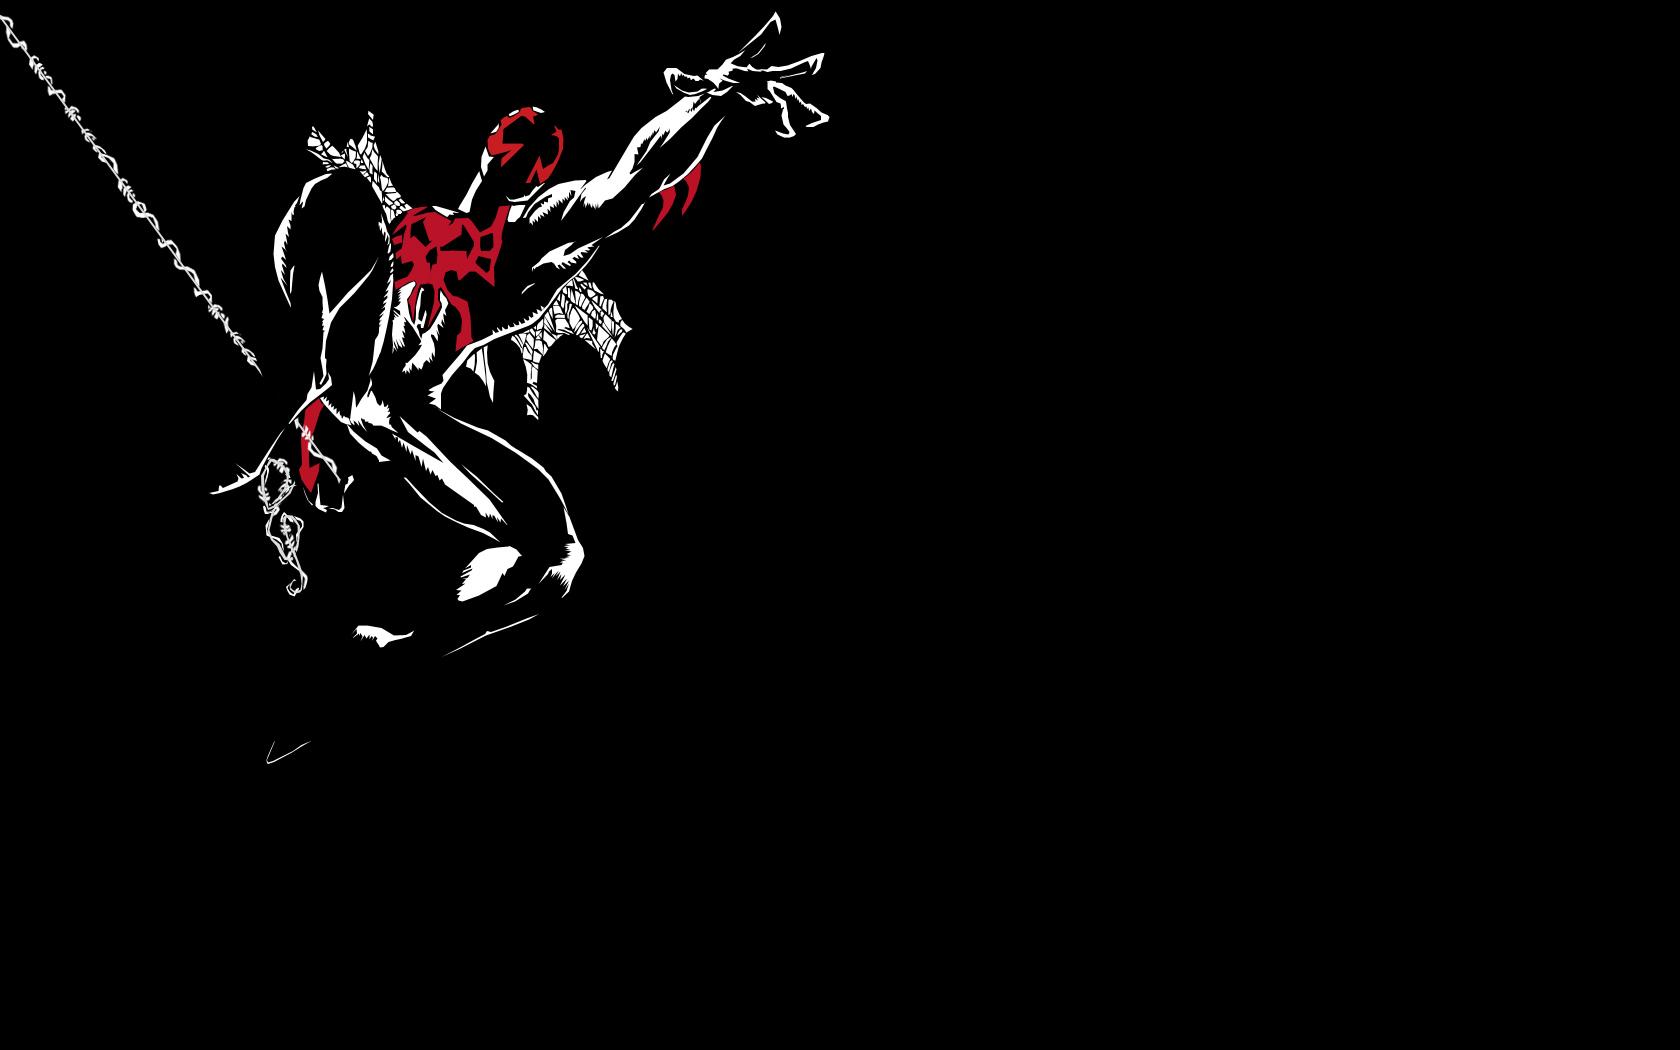 black lantern logo wallpaper